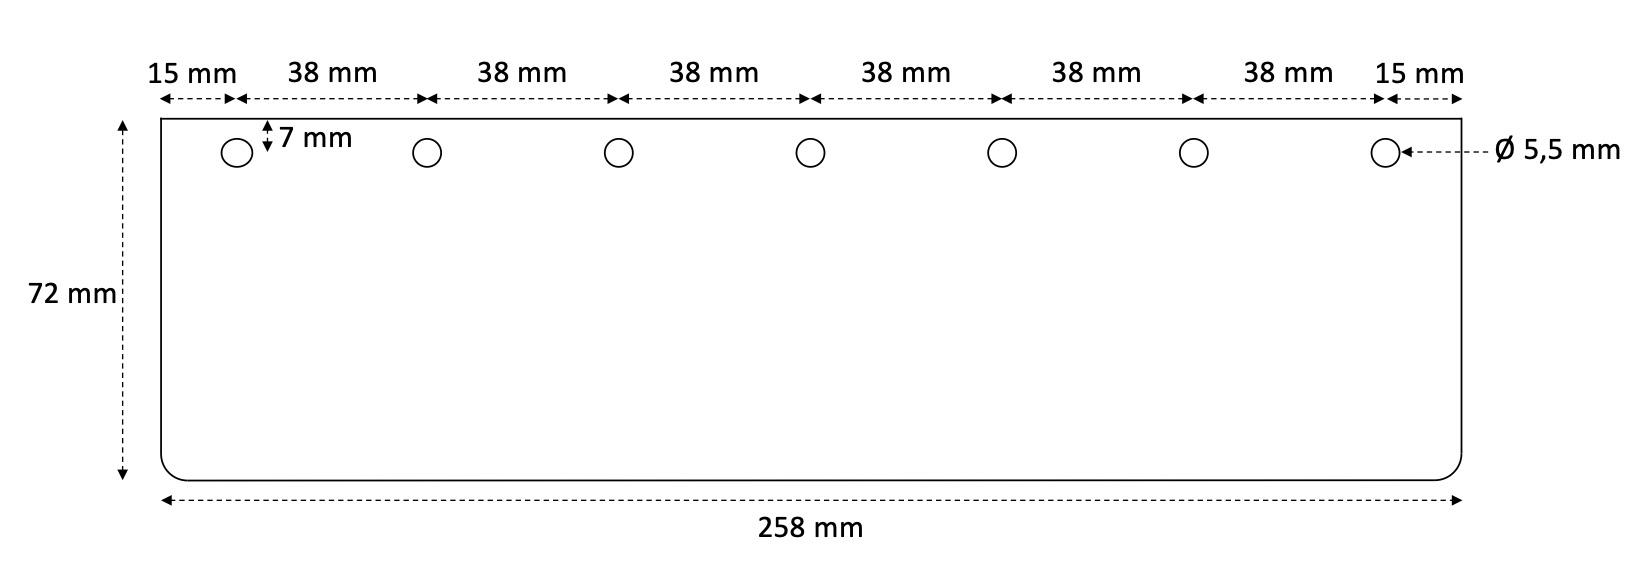 bc911-1632042093-U4420.jpg